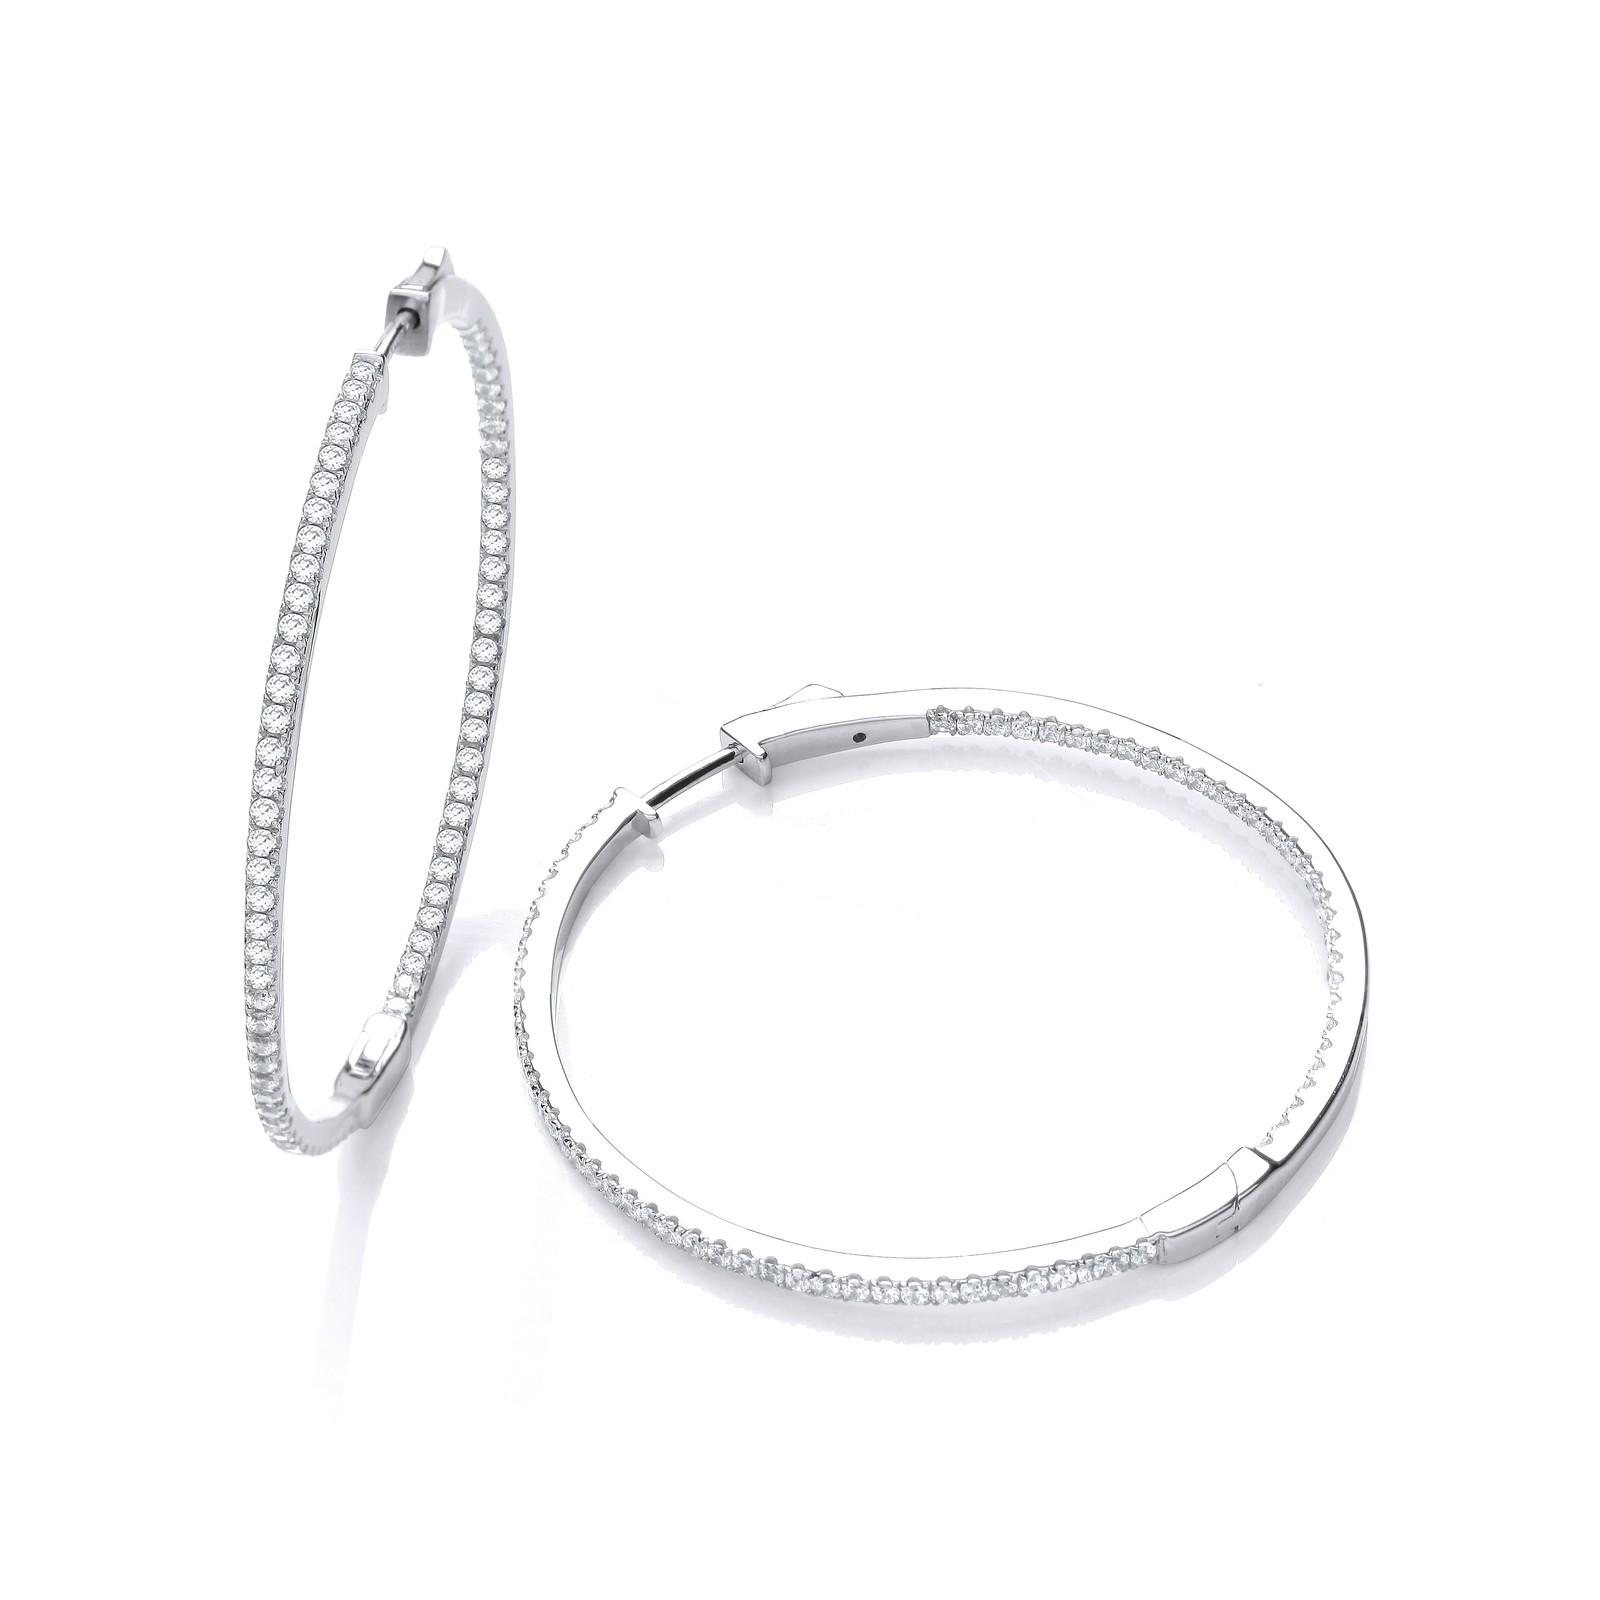 Micro Pave' Big Round Hoop Cz Earrings